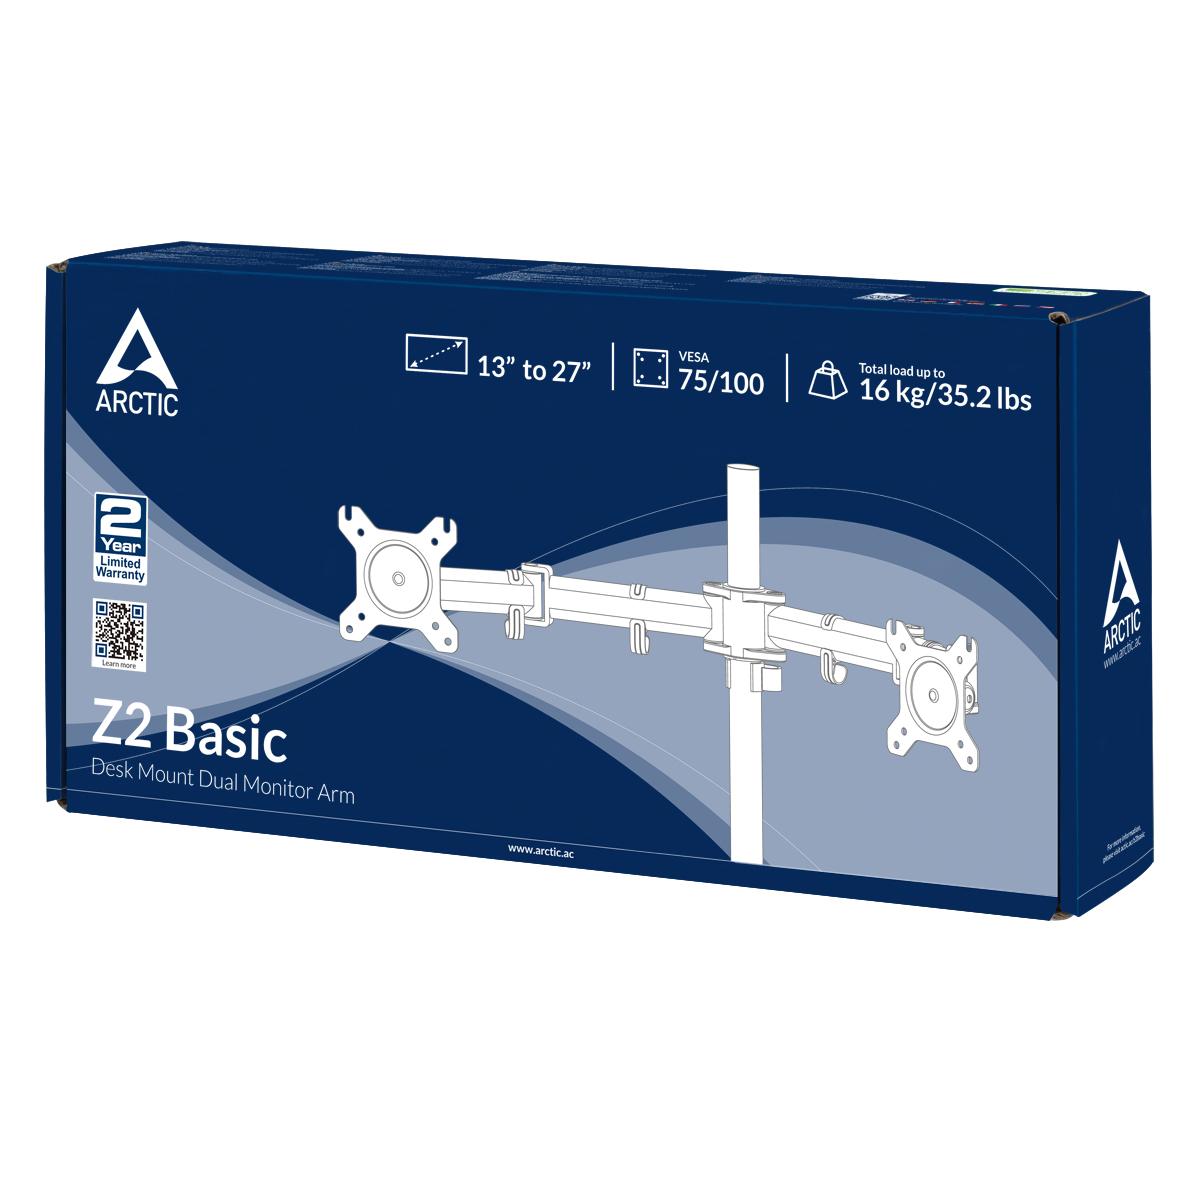 Z2 Basic